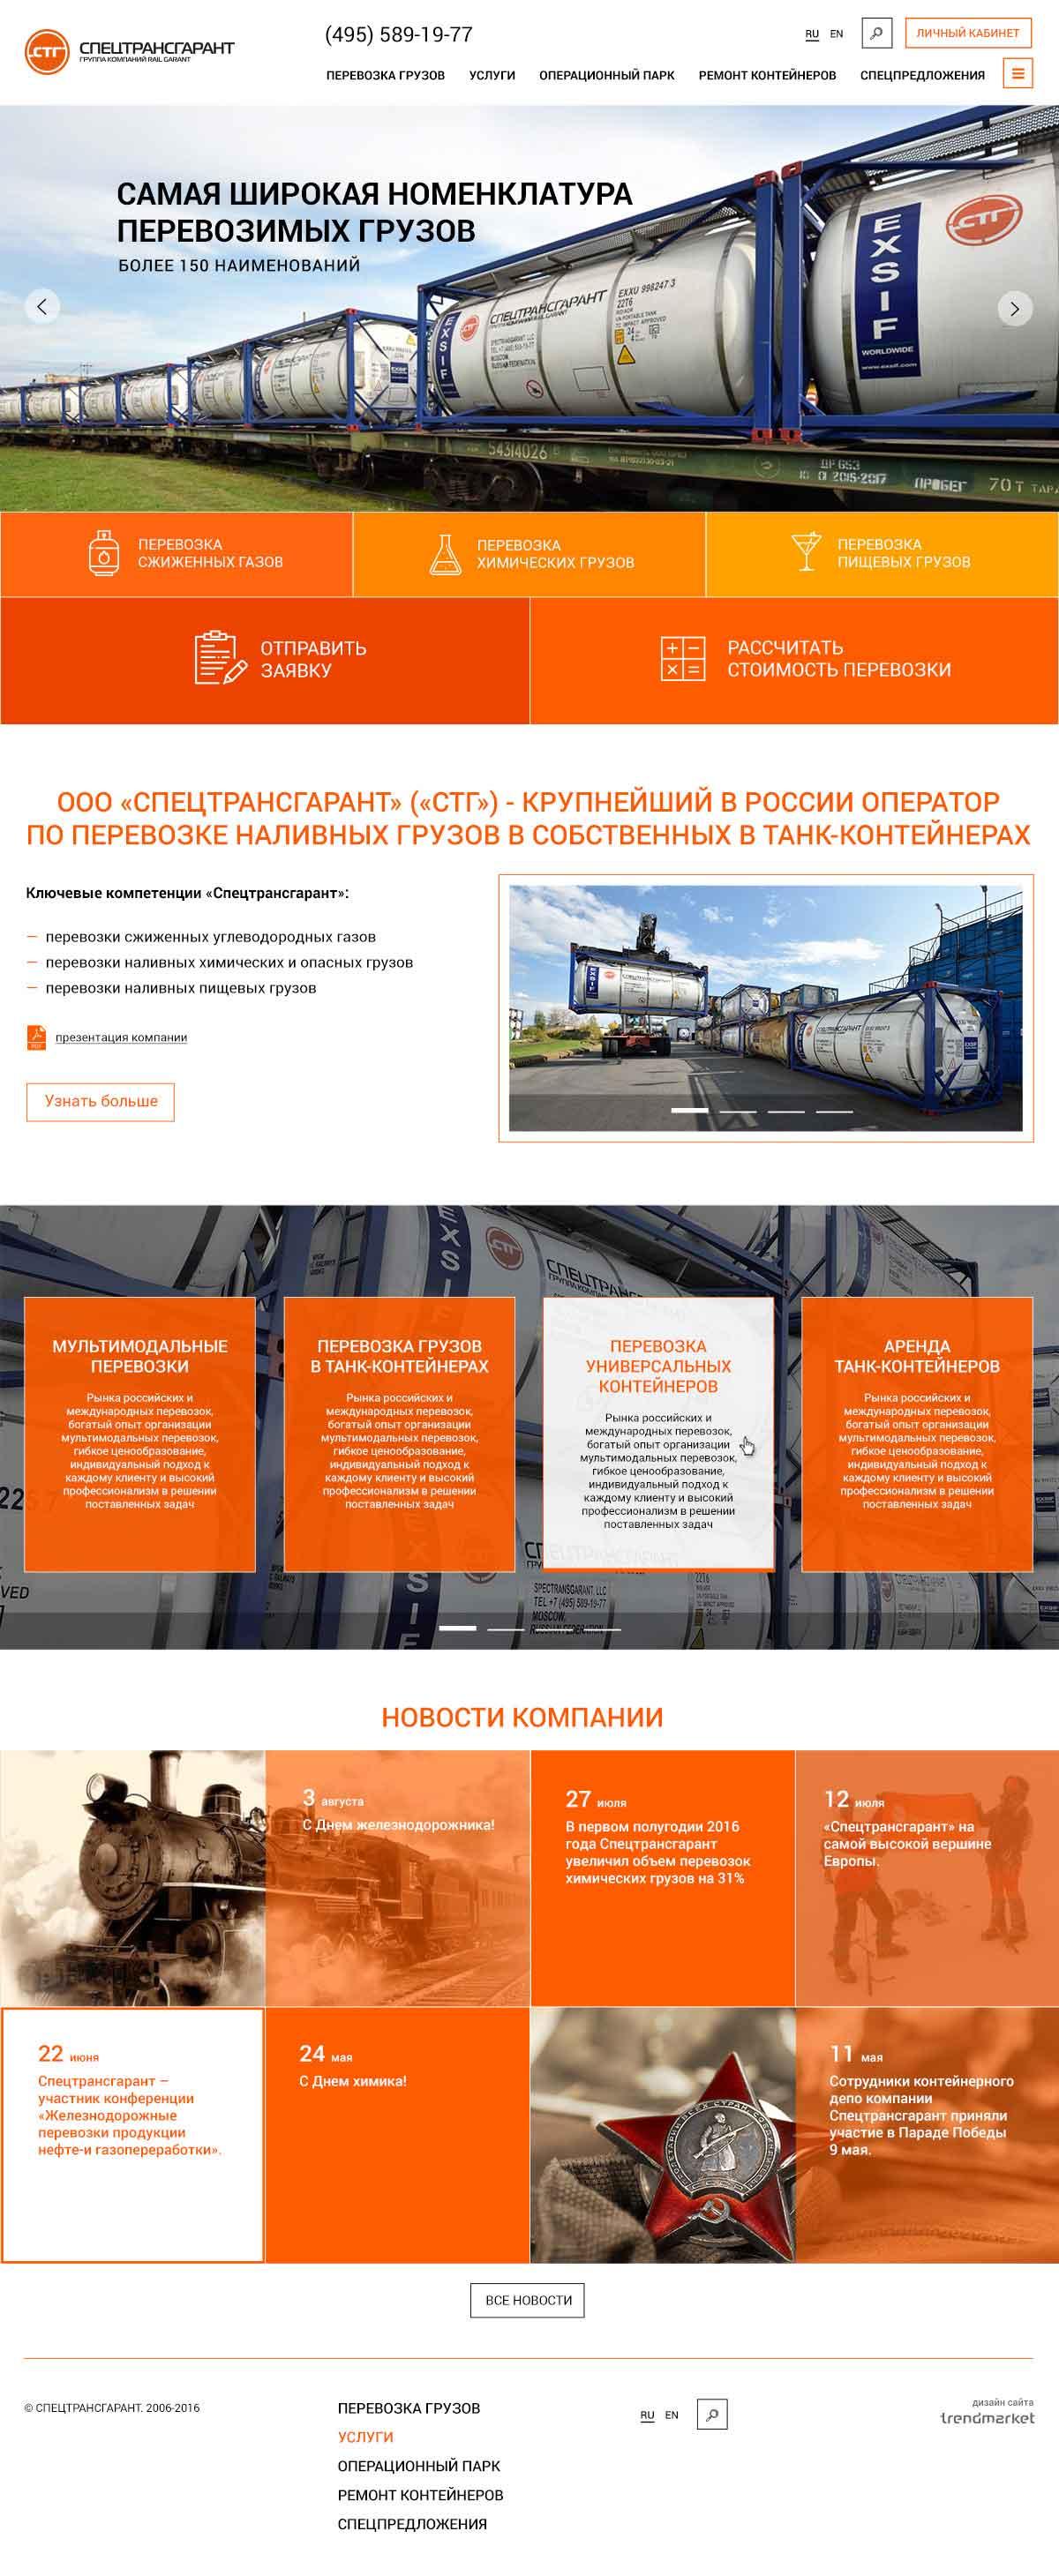 Разработка дизайна многостраничного корпоративного сайта